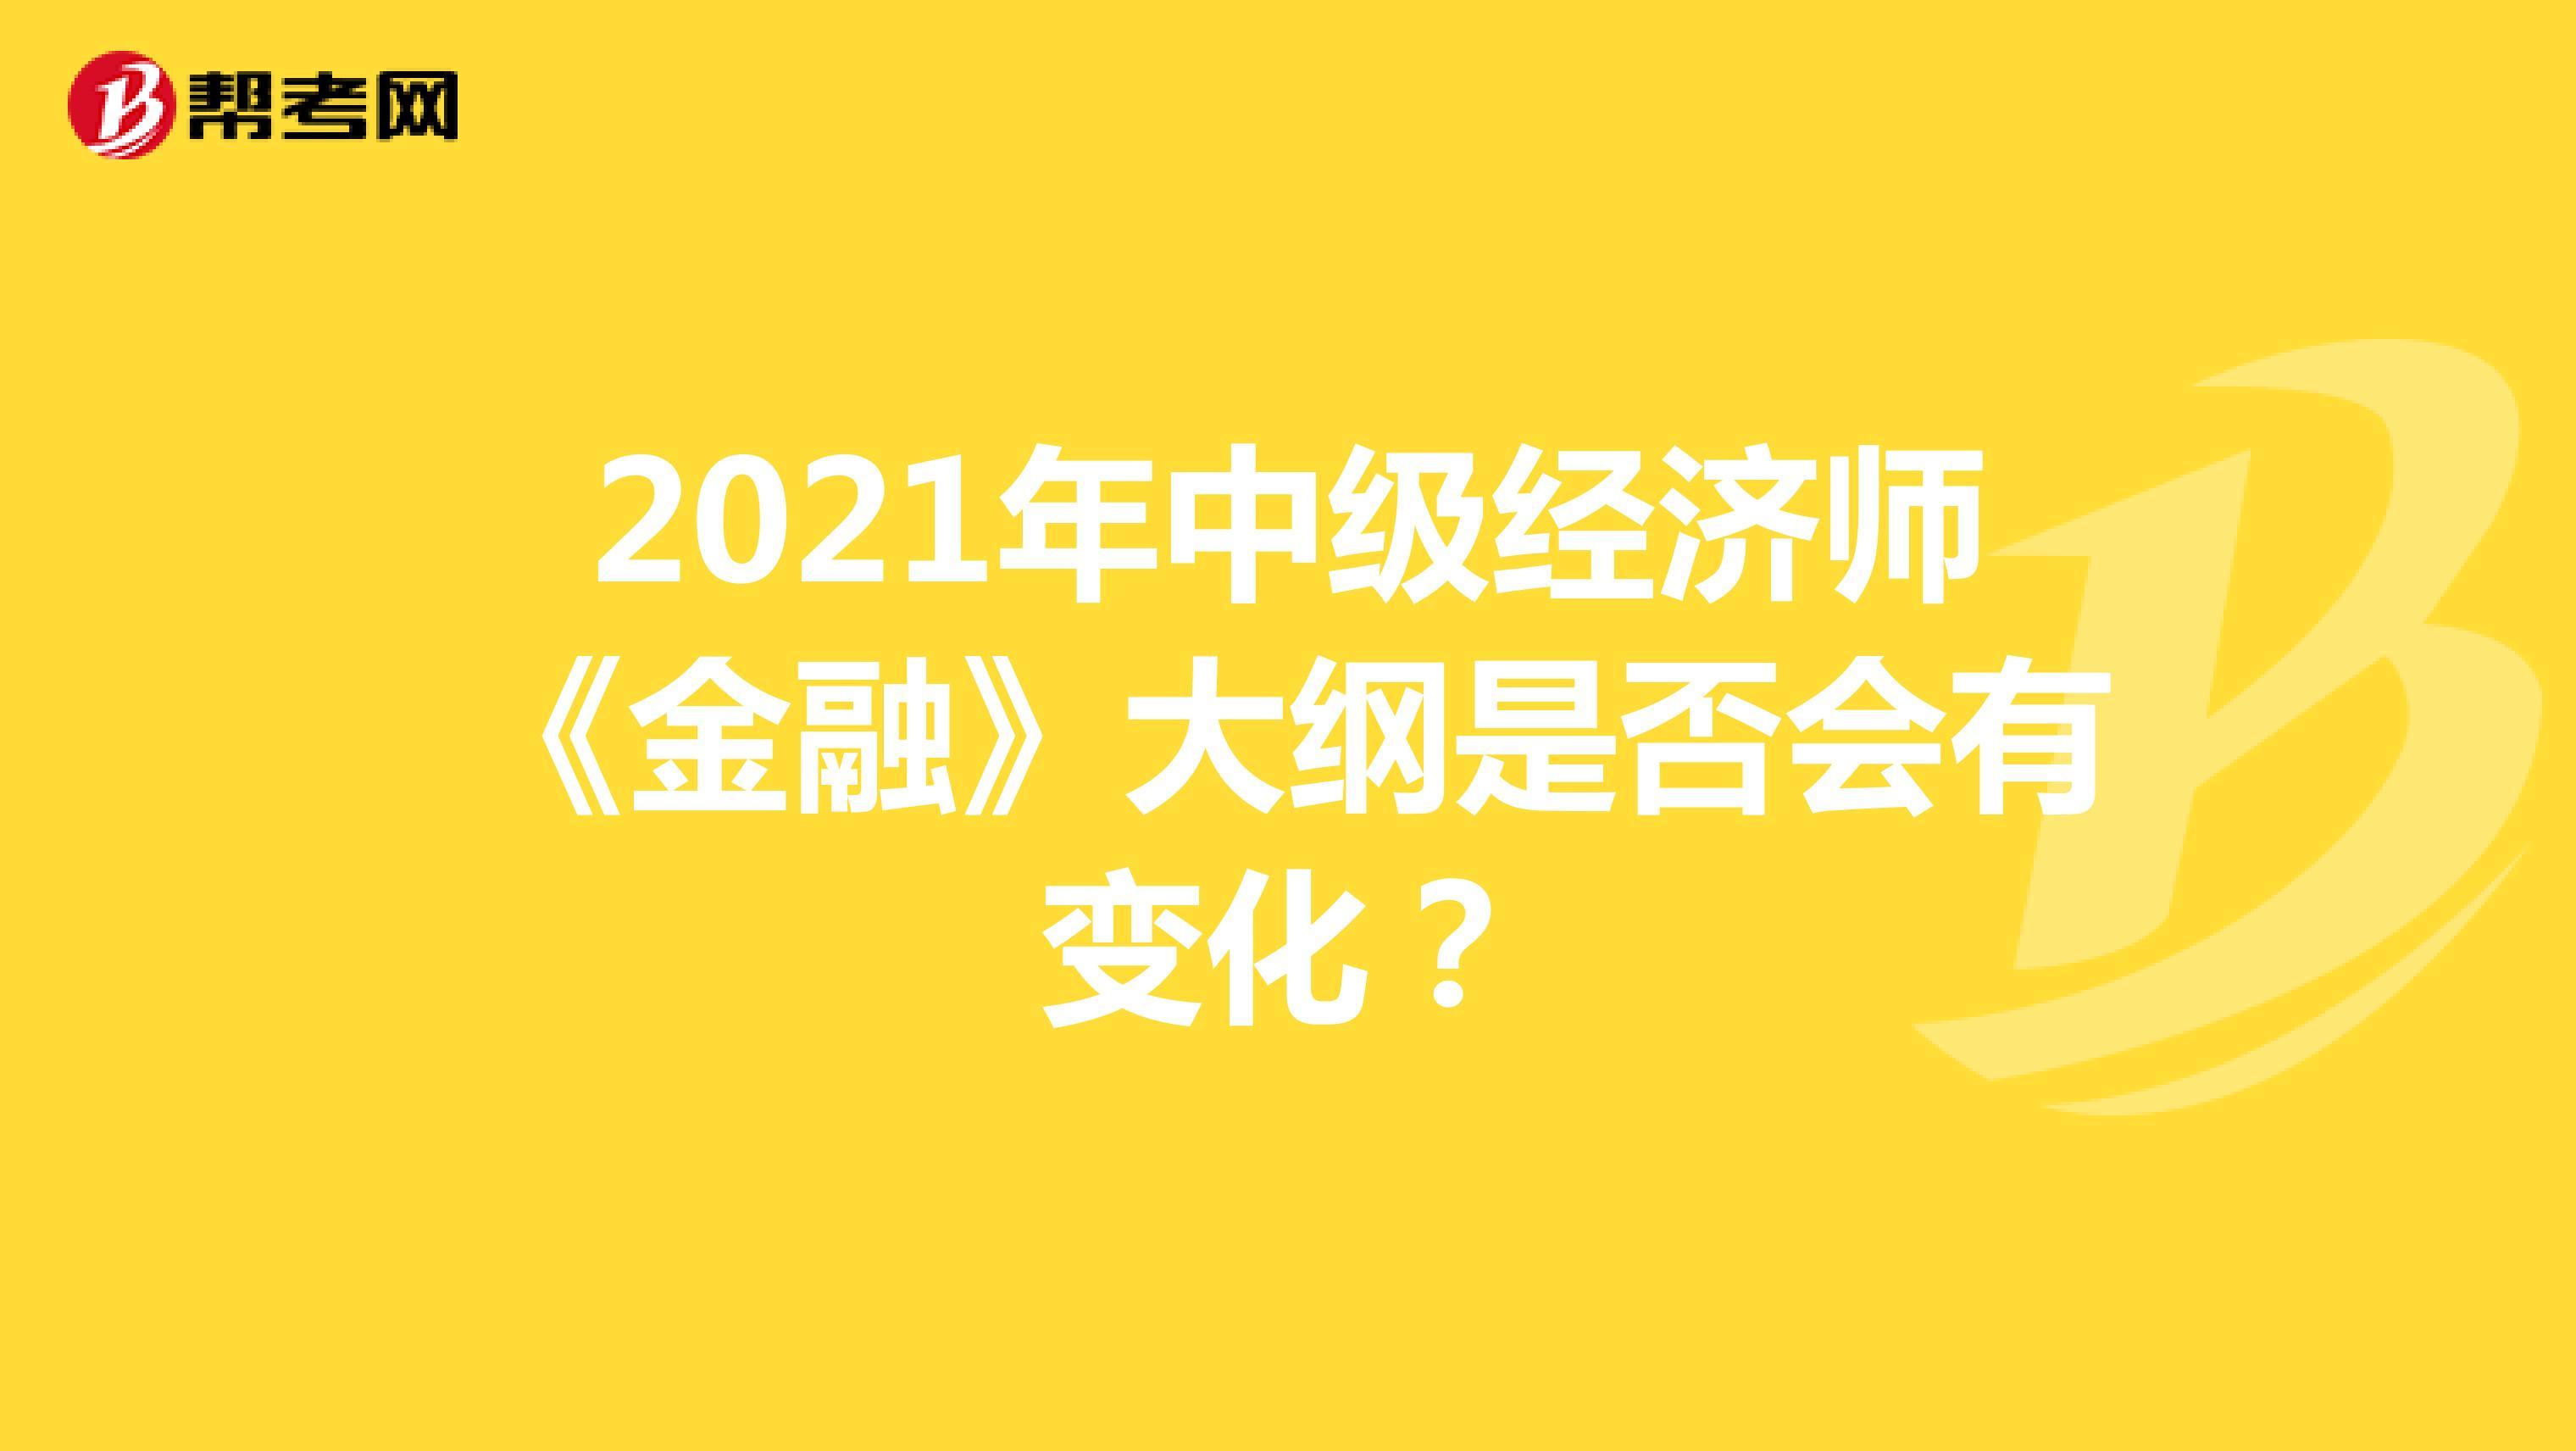 2021年(hot88电竞官网)中级经济师《金融》大纲是否会有变化?